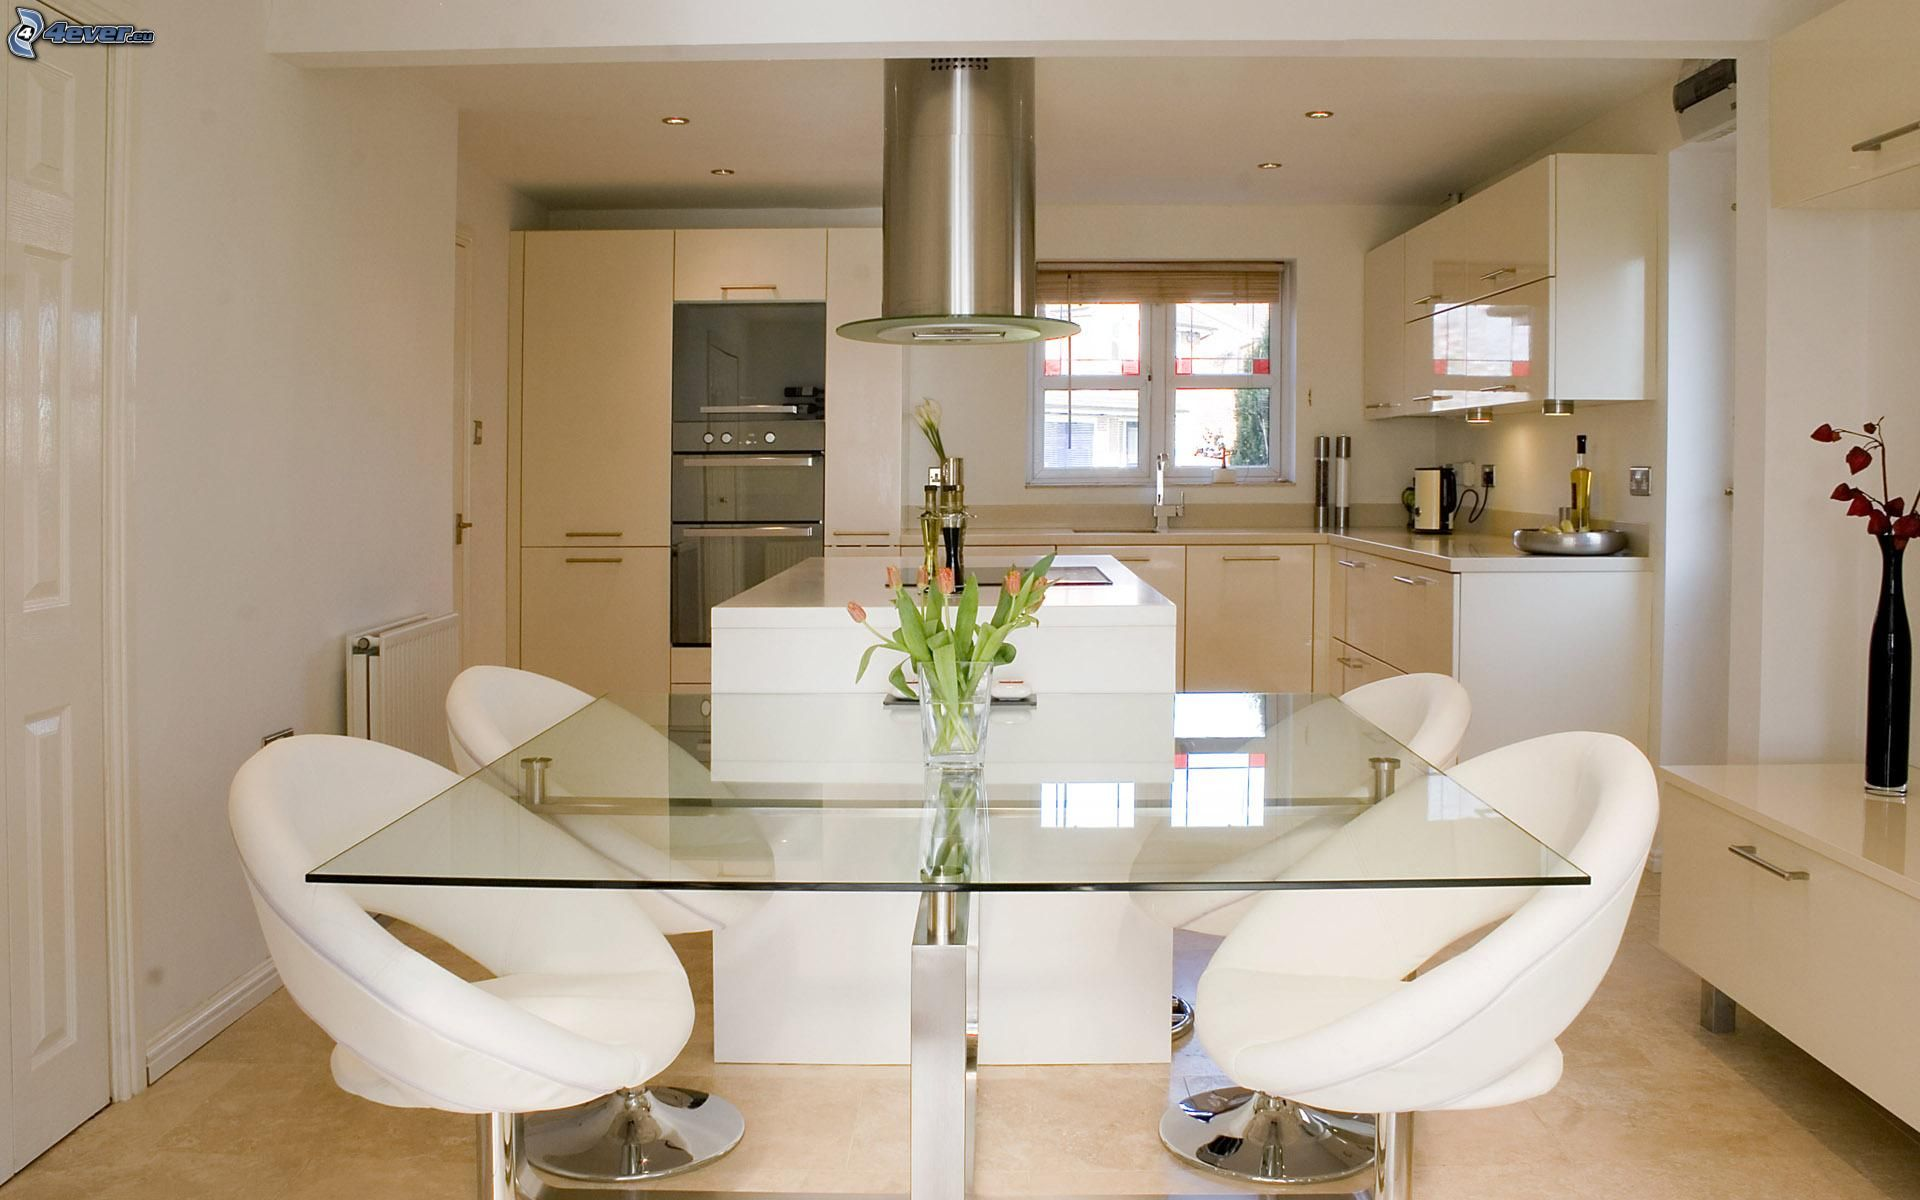 Stunning Sillas Para Cocina Modernas Pictures - Casas: Ideas ...